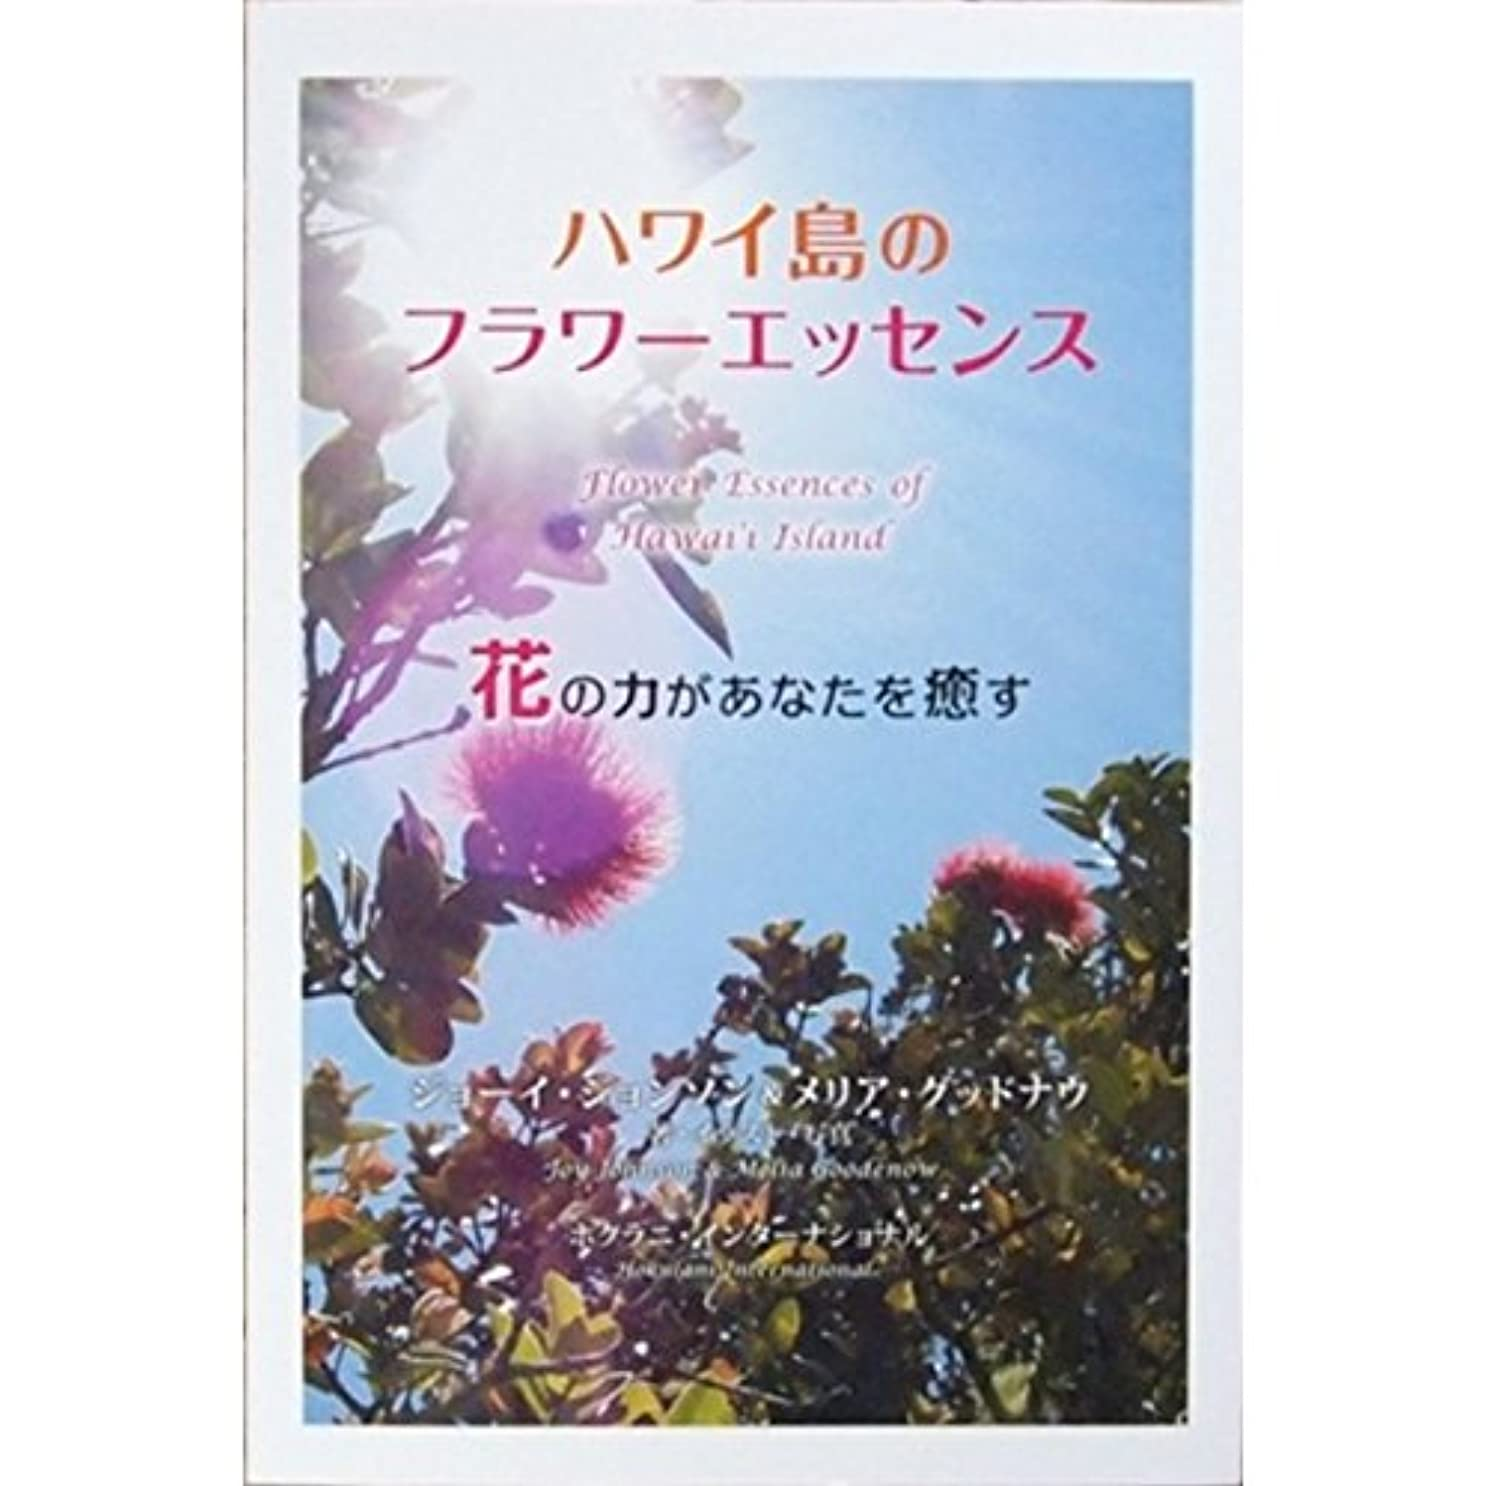 マークされたカレンダー既にハワイアン レインフォレスト ナチュラルズ 書籍『ハワイ島のフラワーエッセンス 花の力があなたを癒す』